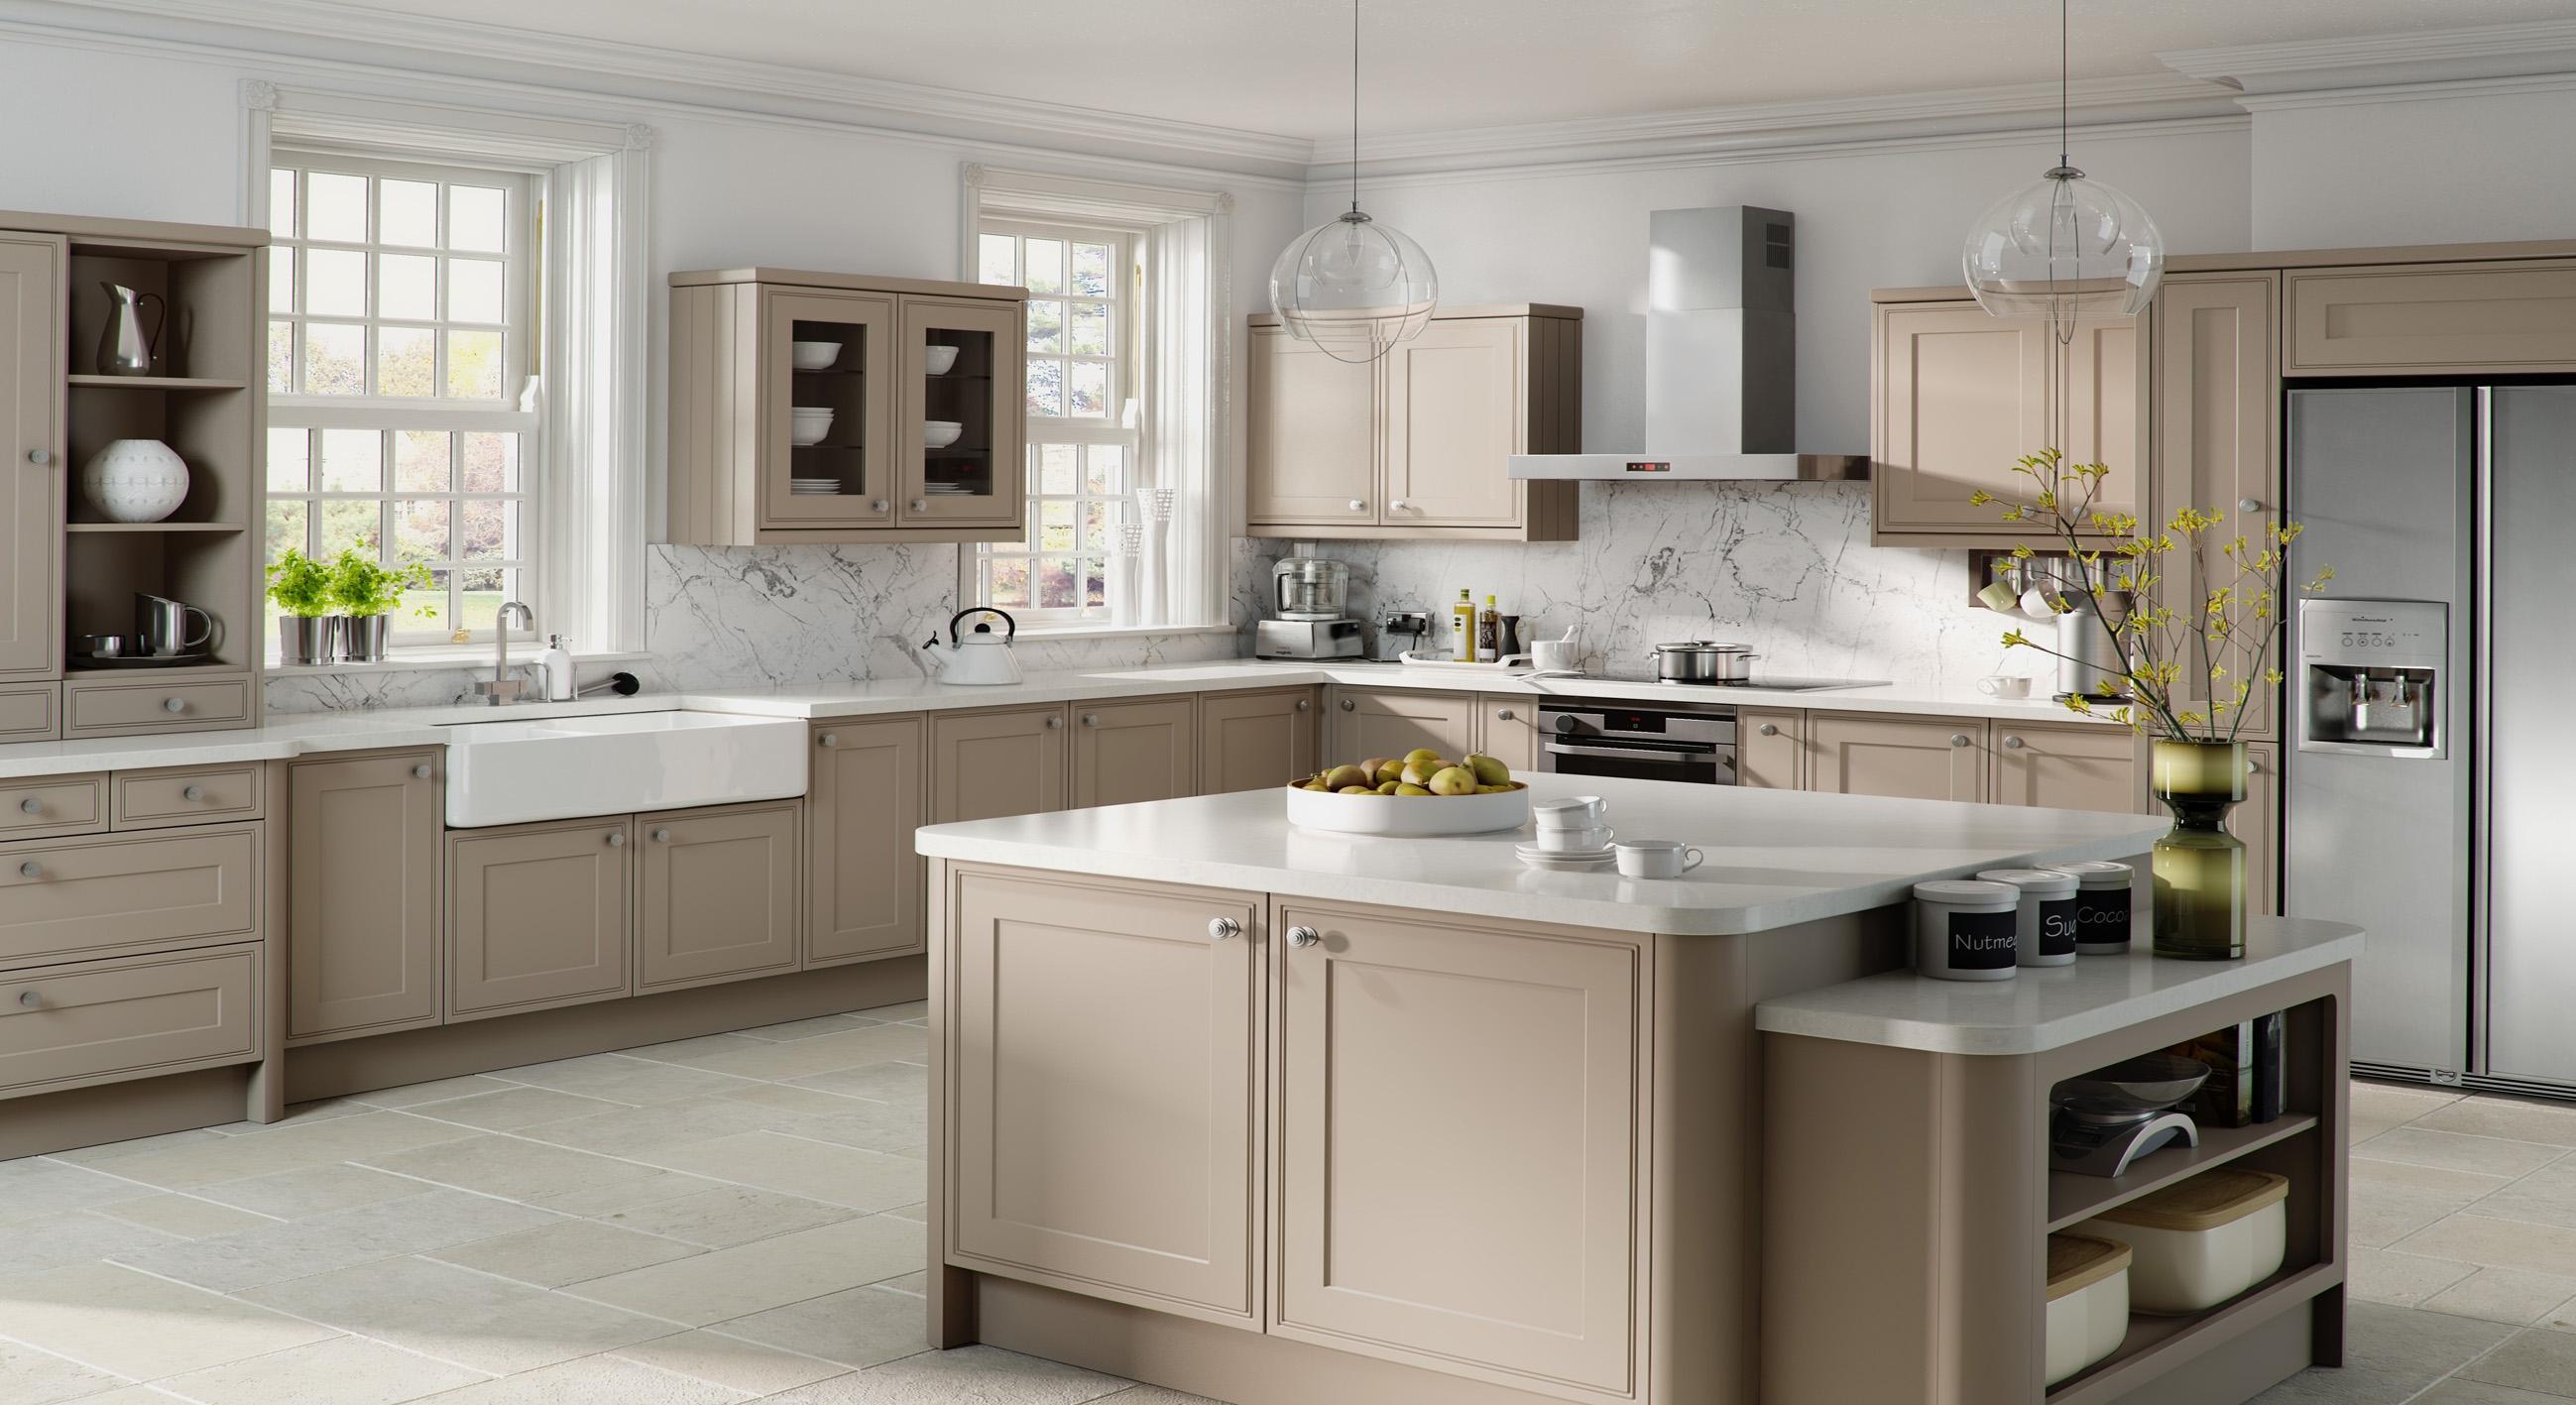 kitchen cabinet finishing ideas photo - 4